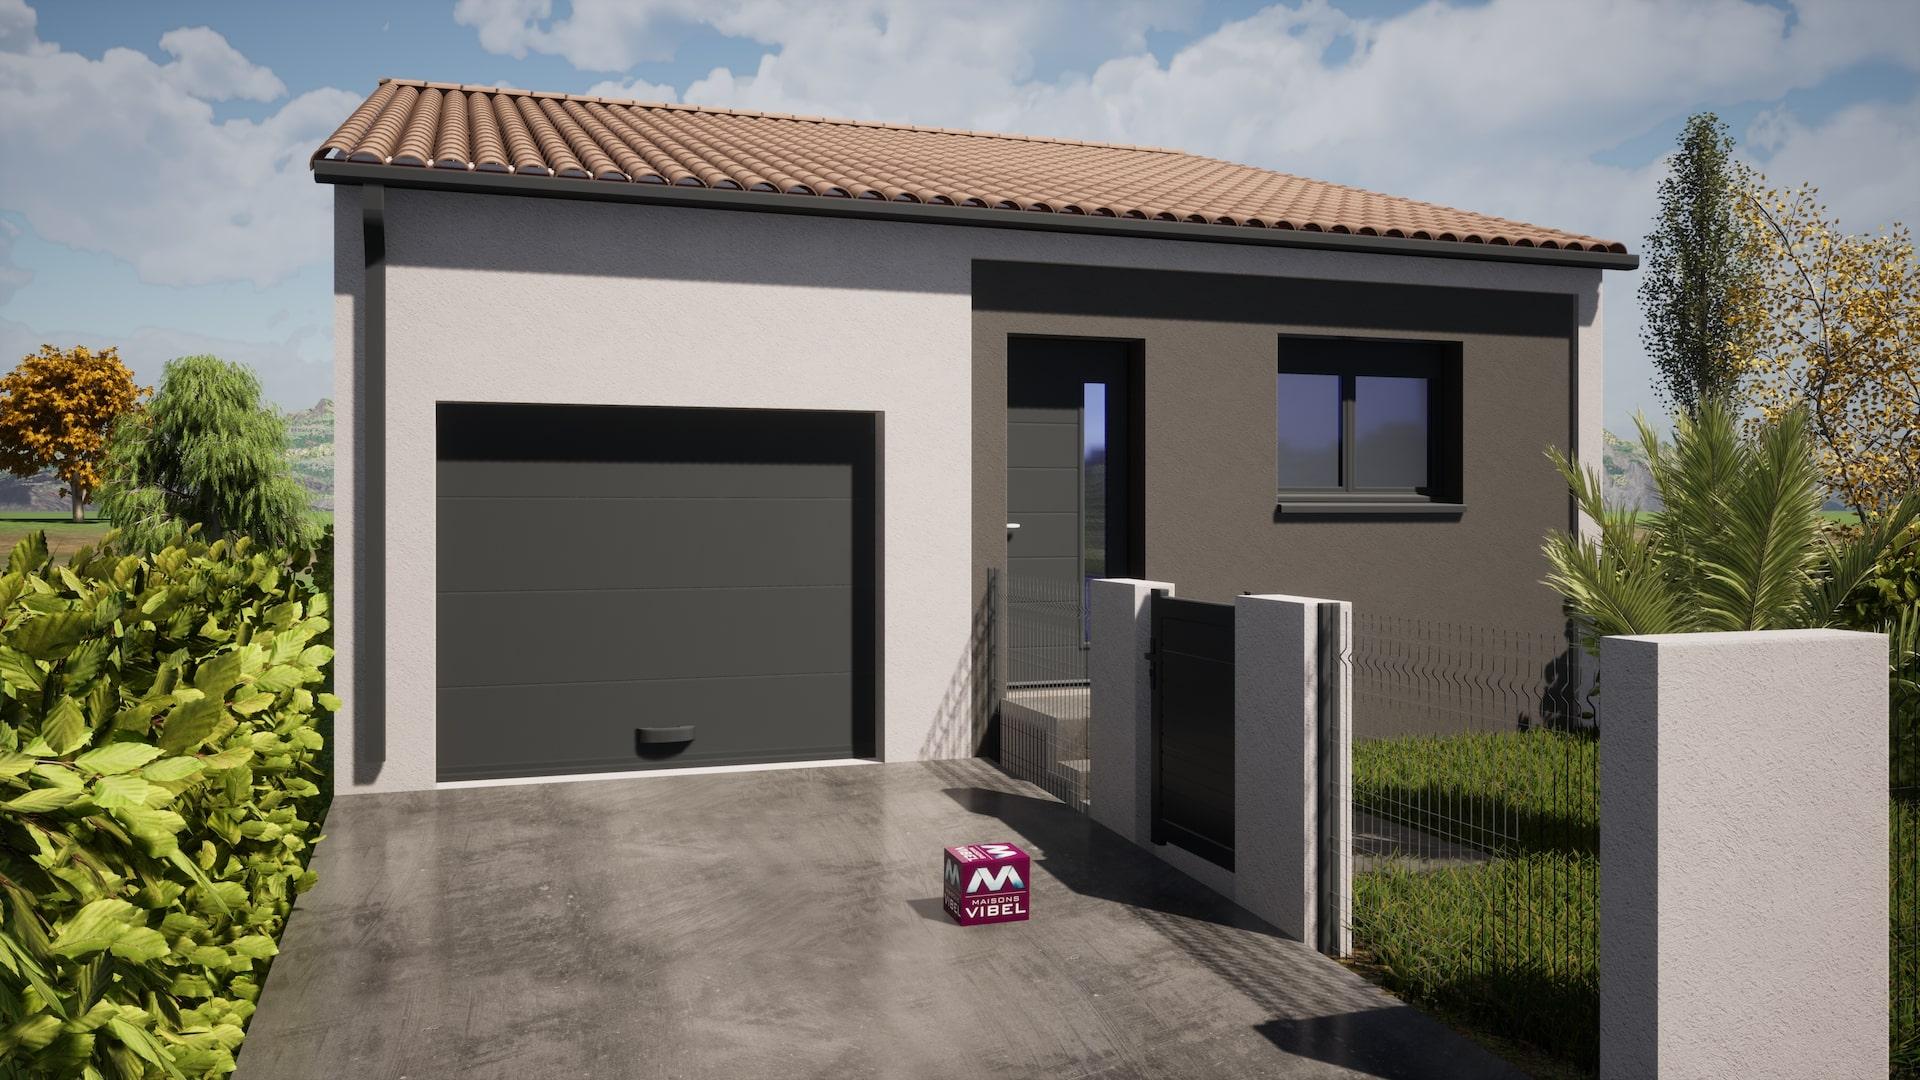 Maisons + Terrains du constructeur MAISONS VIBEL • 67 m² • THUIR